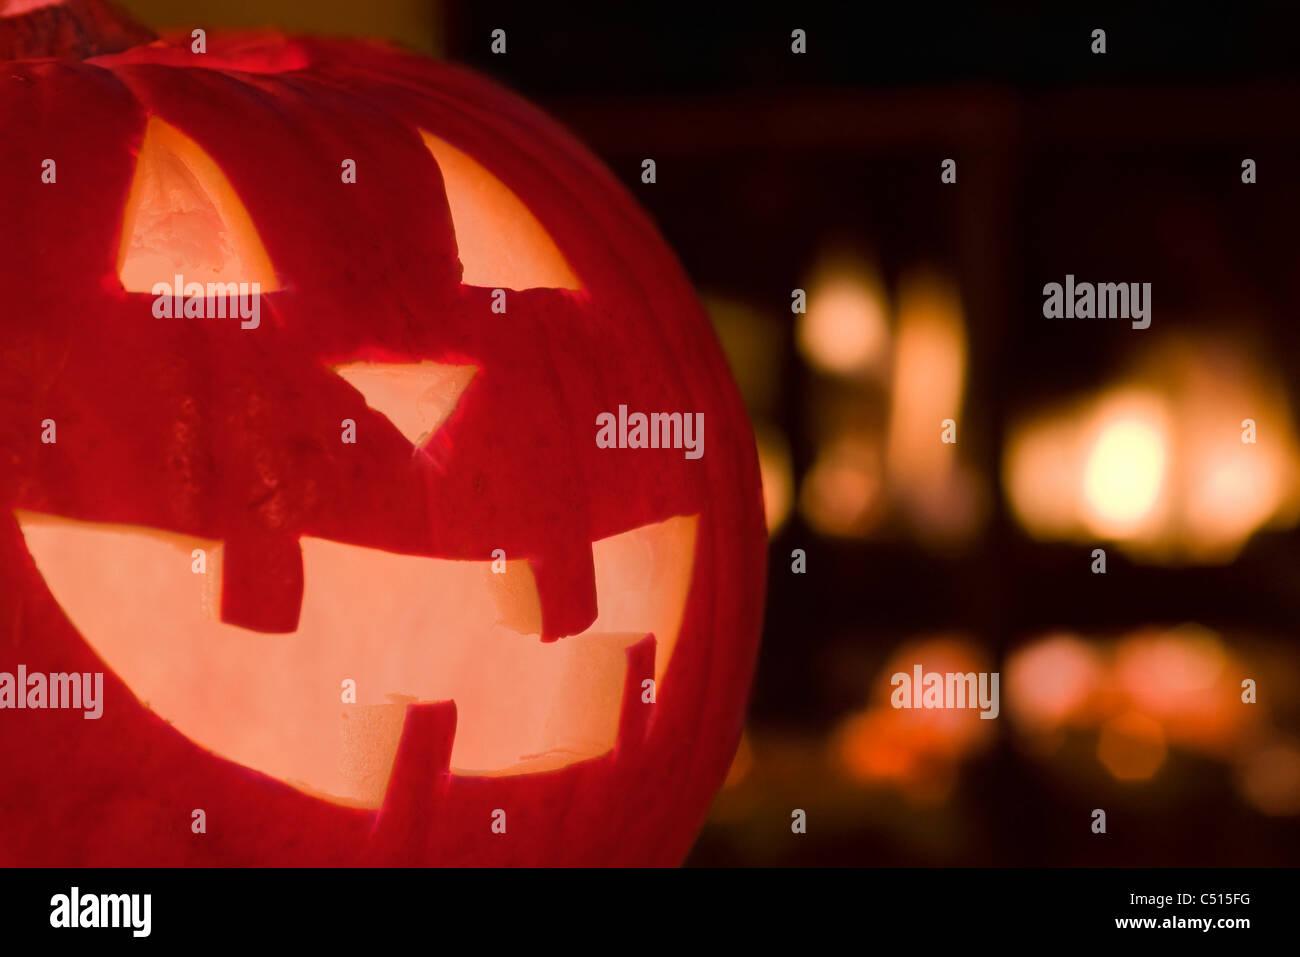 Jack o'lantern - Stock Image